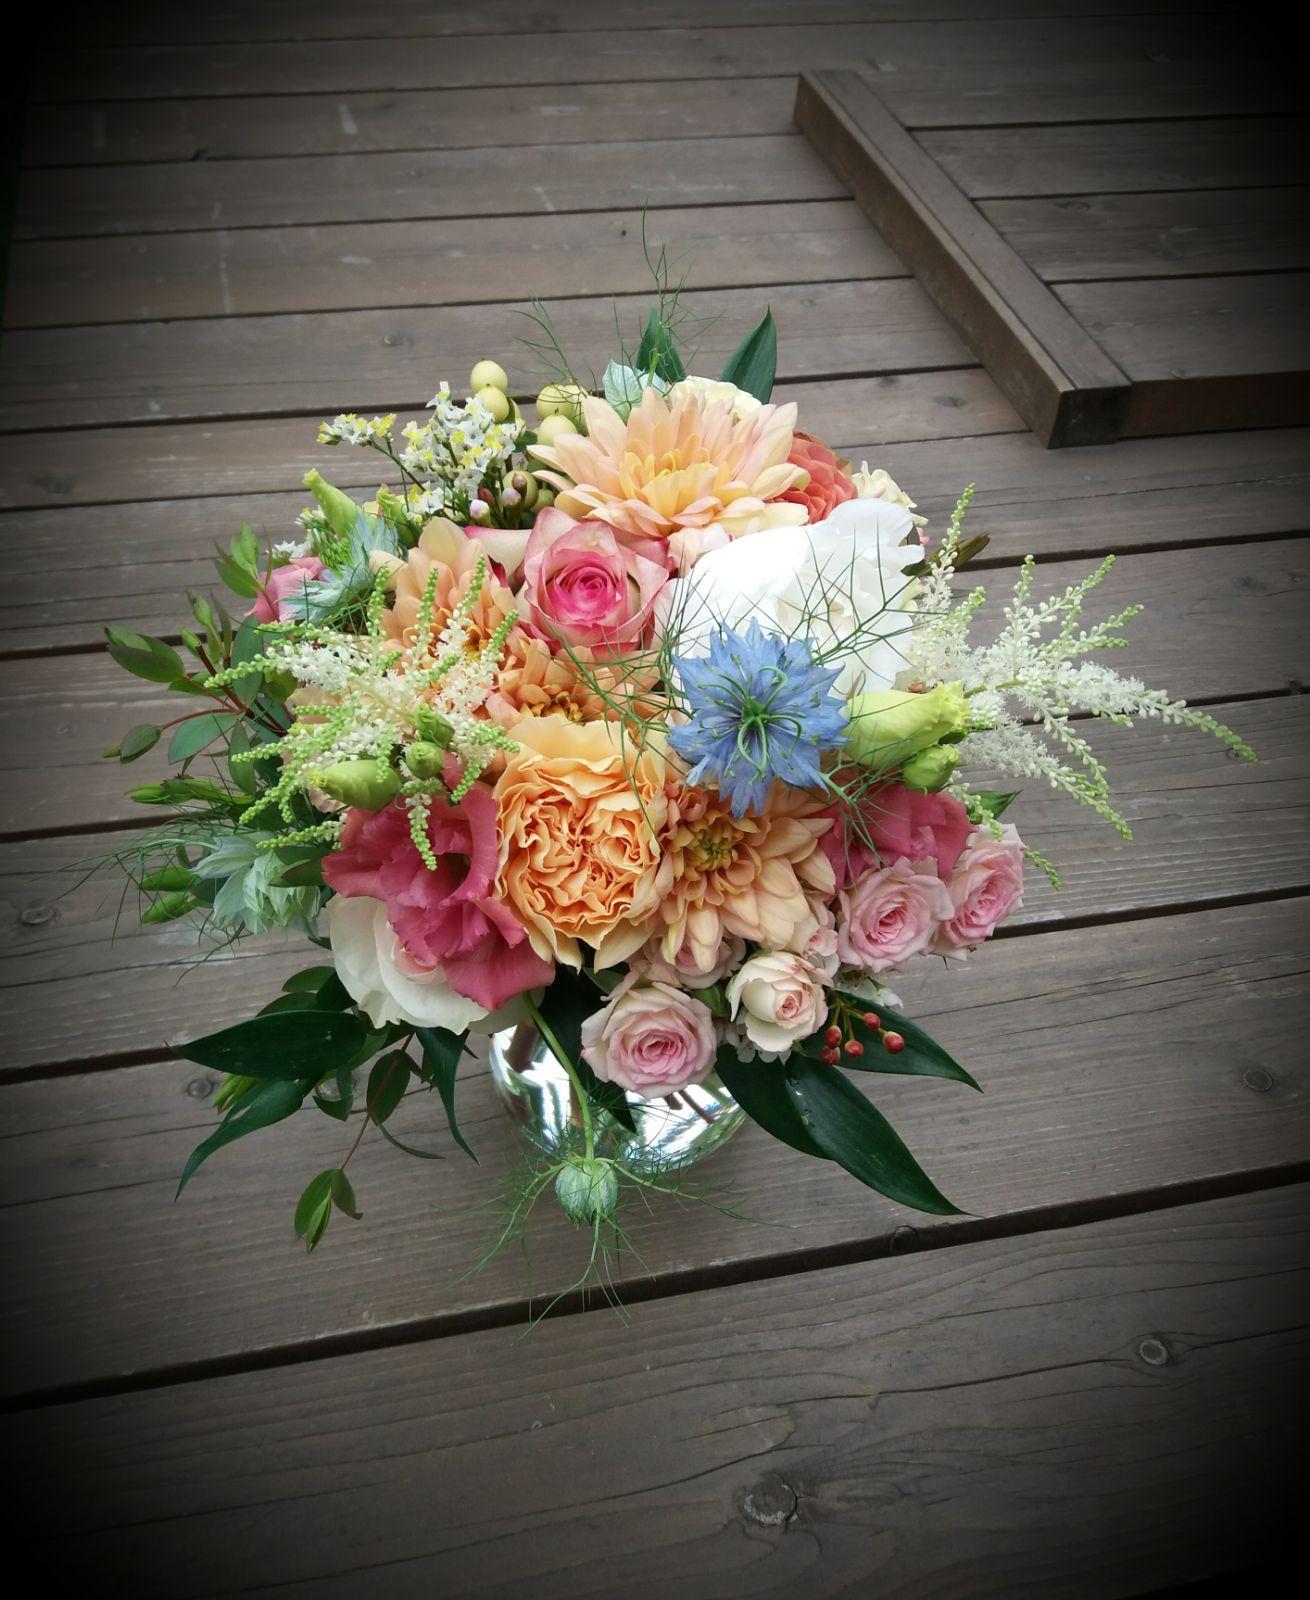 Květnová svatba plná barev! - Obrázek č. 8